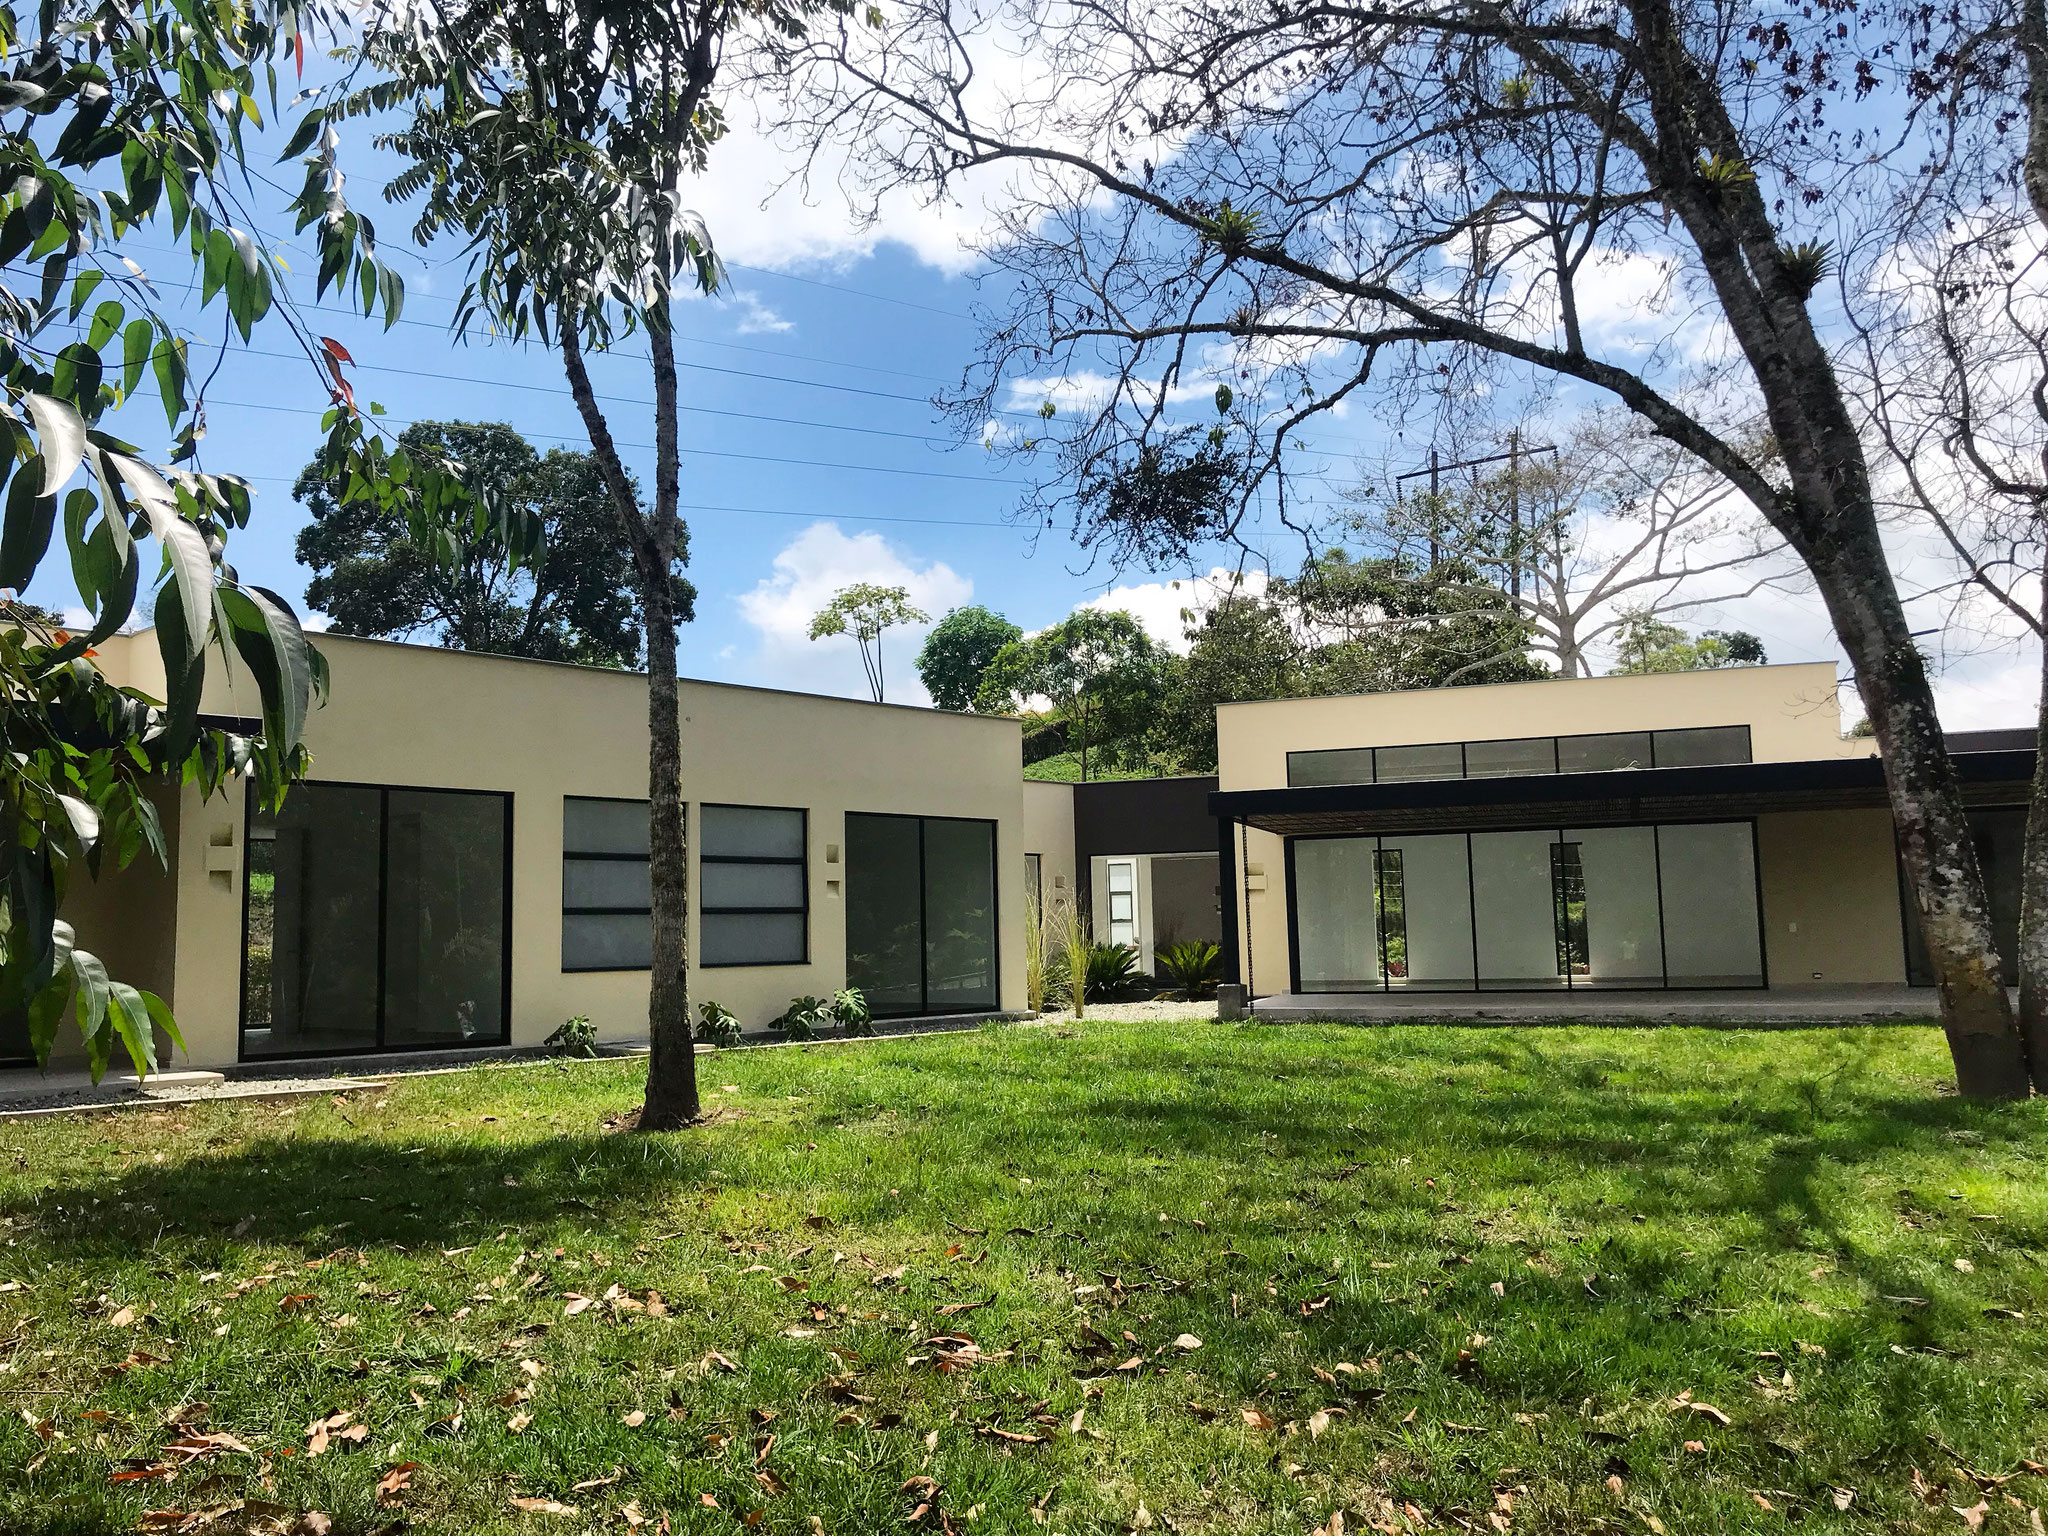 Acheter votre maison d'architecte neuve dans le Quindio - Colombie